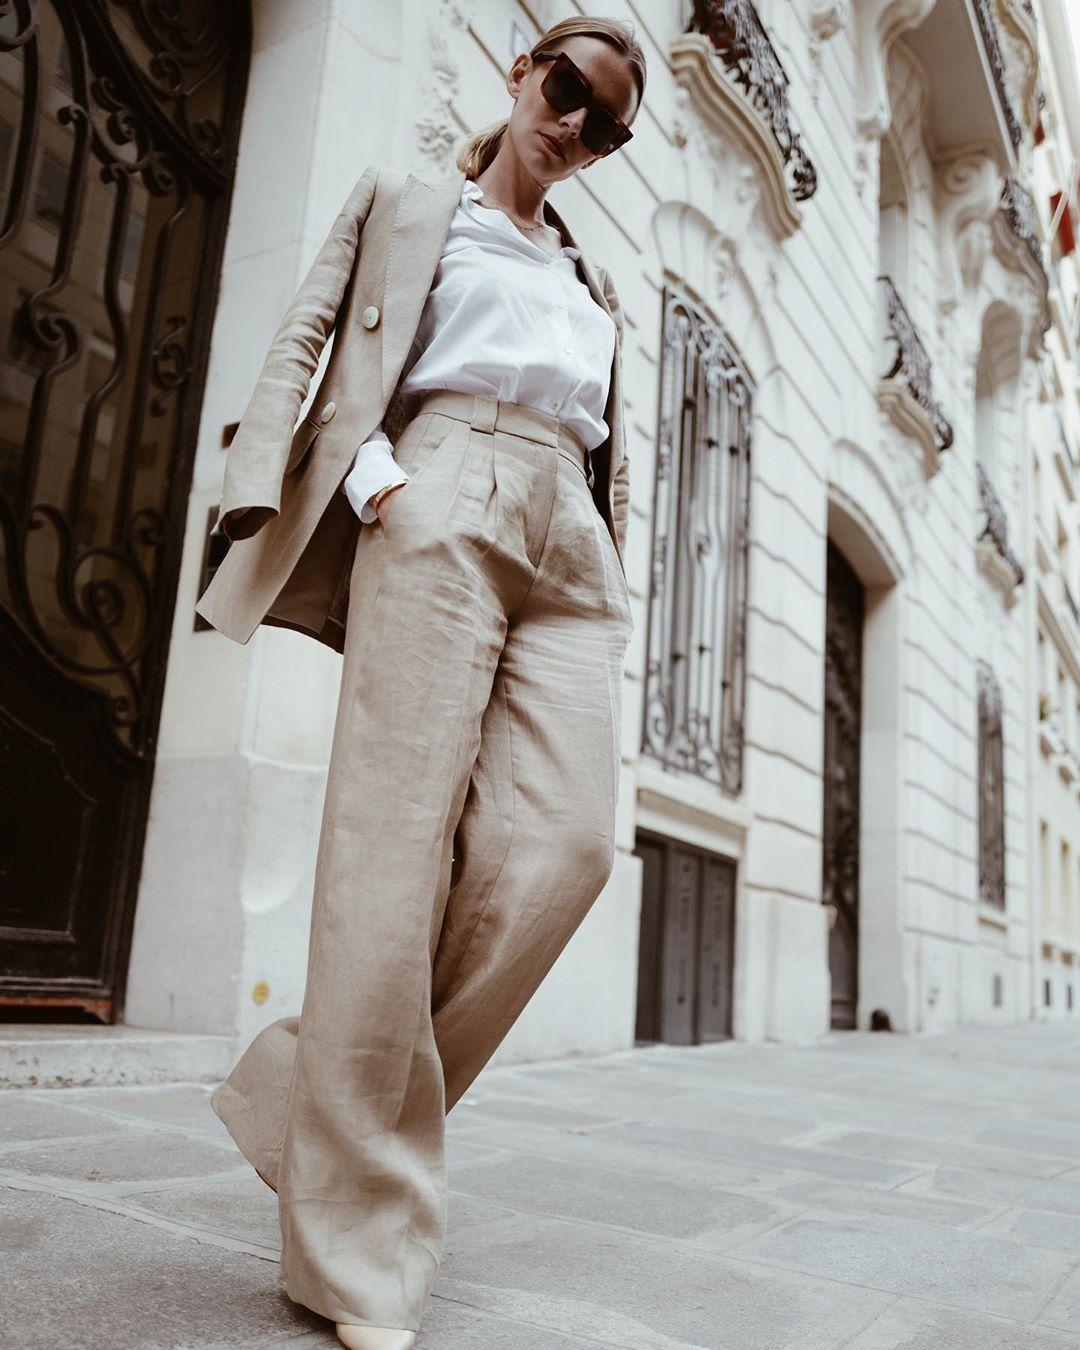 veste croisée en pur lin cintrée limited edition de Massimo Dutti sur manondurst